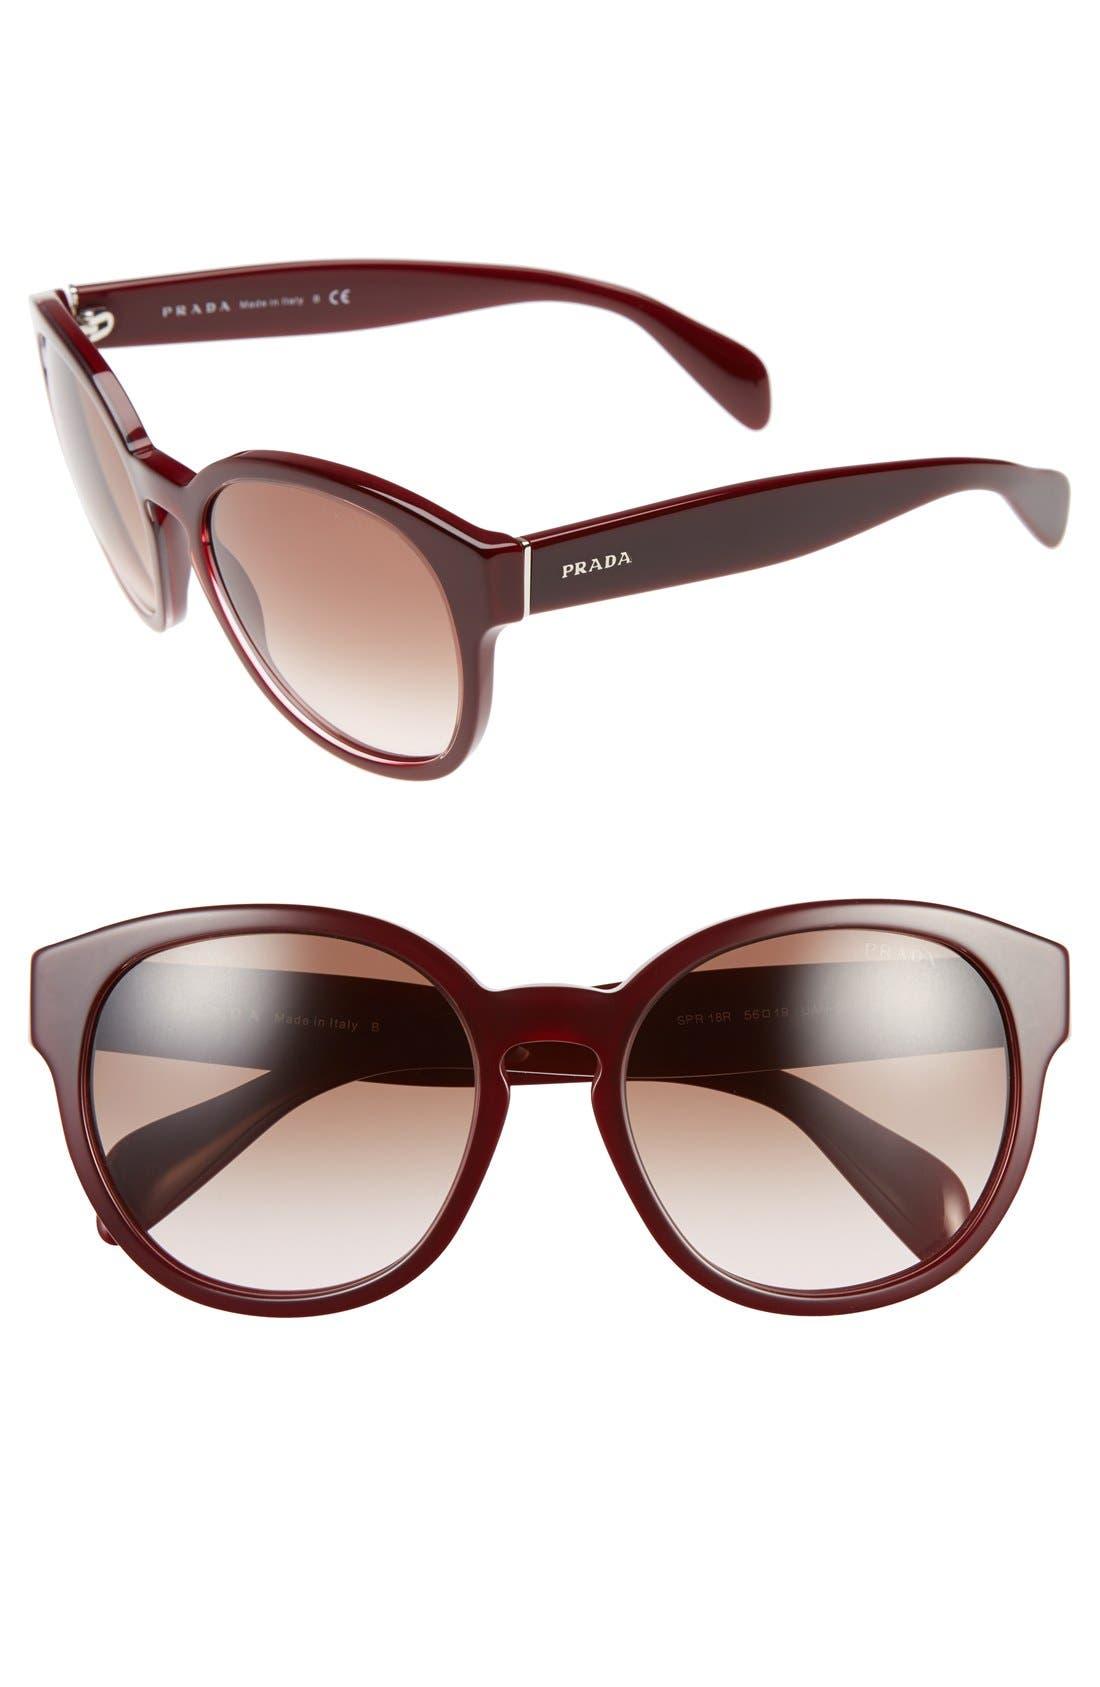 78a2a6677b52 ... spr 26q f female inexpensive prada 56mm keyhole sunglasses nordstrom  a1e86 1a6e2 ...